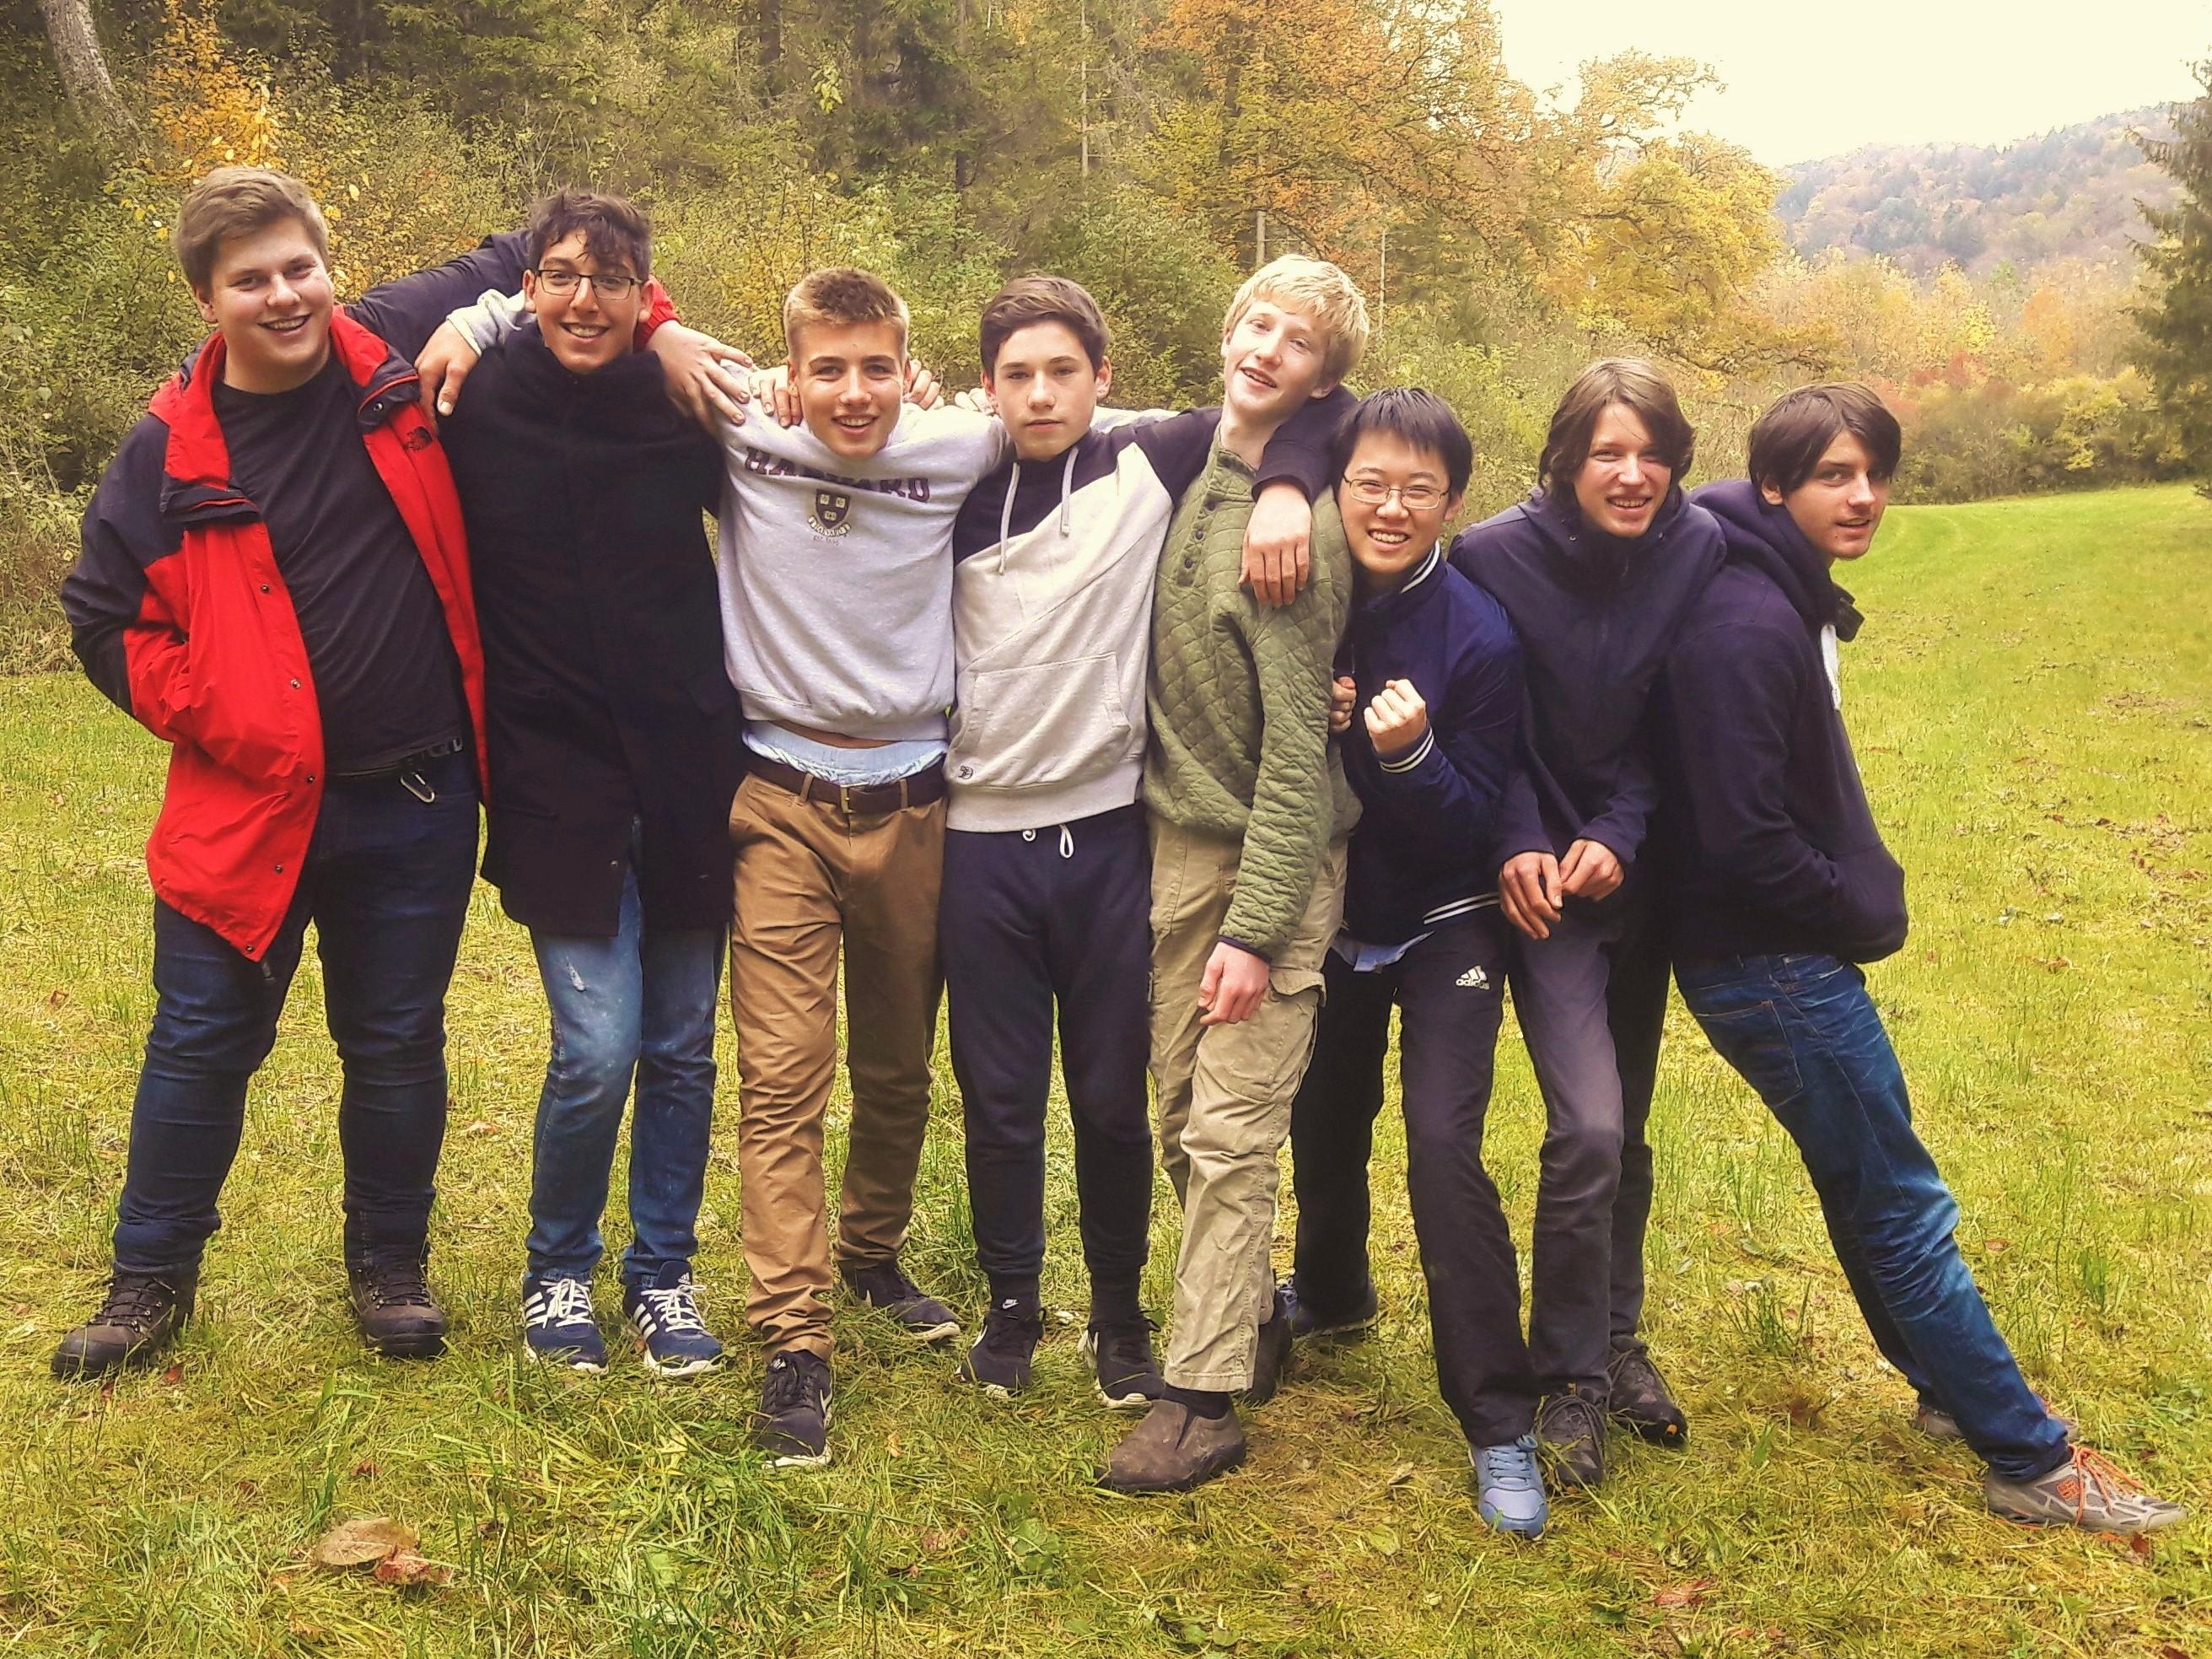 mentoratsfahrt-16-17-oktober-1